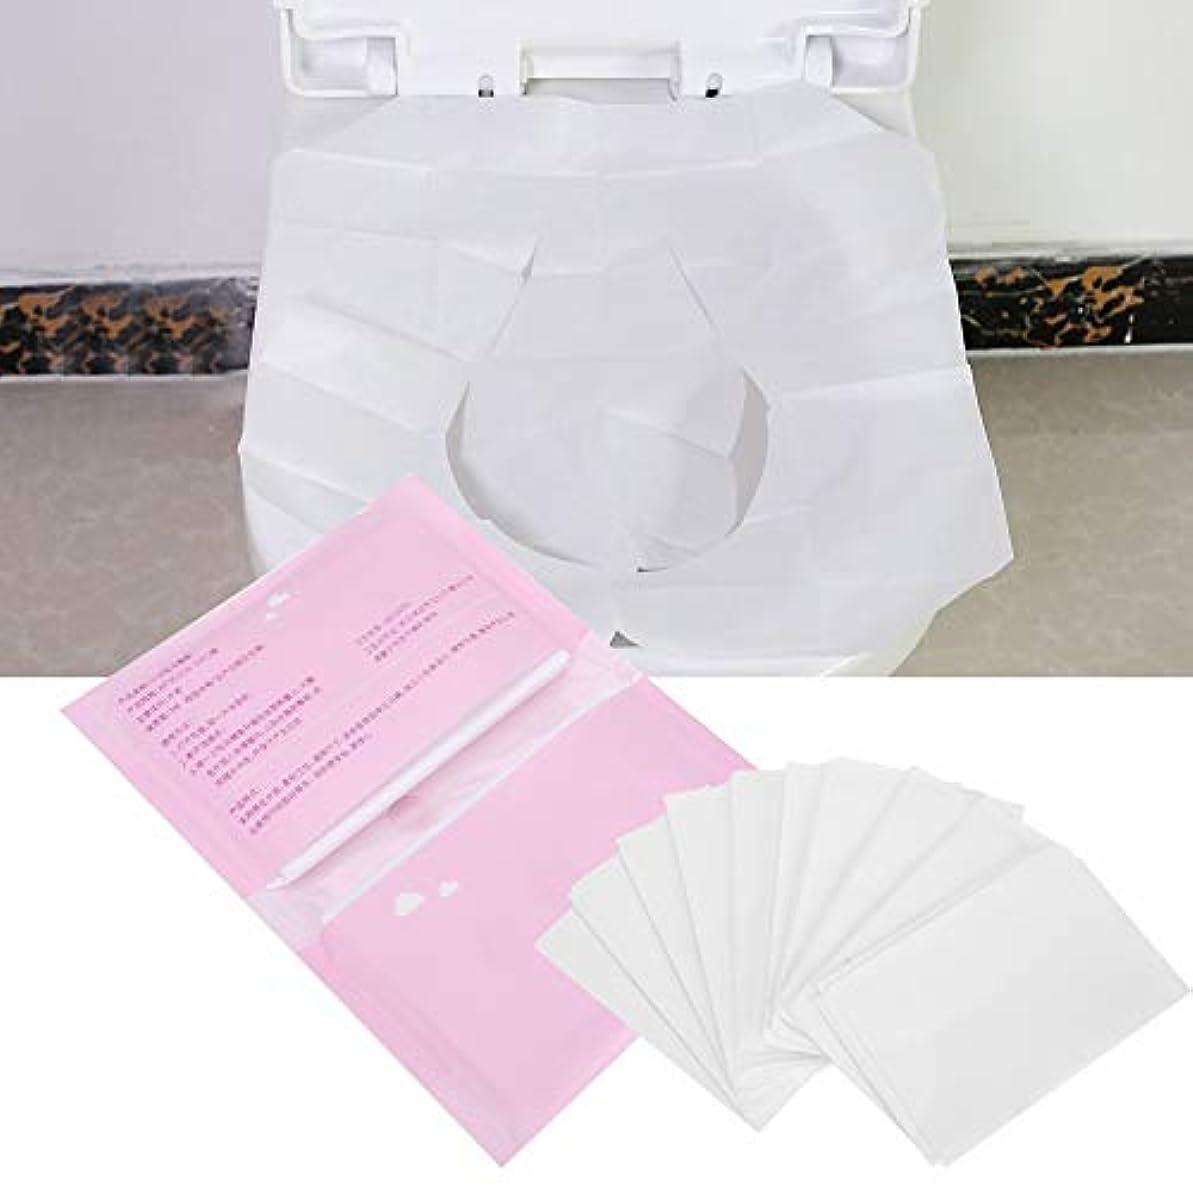 害衛星ディスクトイレットシートペーパー、旅行のための5つの袋の使い捨て可能な分解可能なトイレットペーパーペーパー、10pices / bag